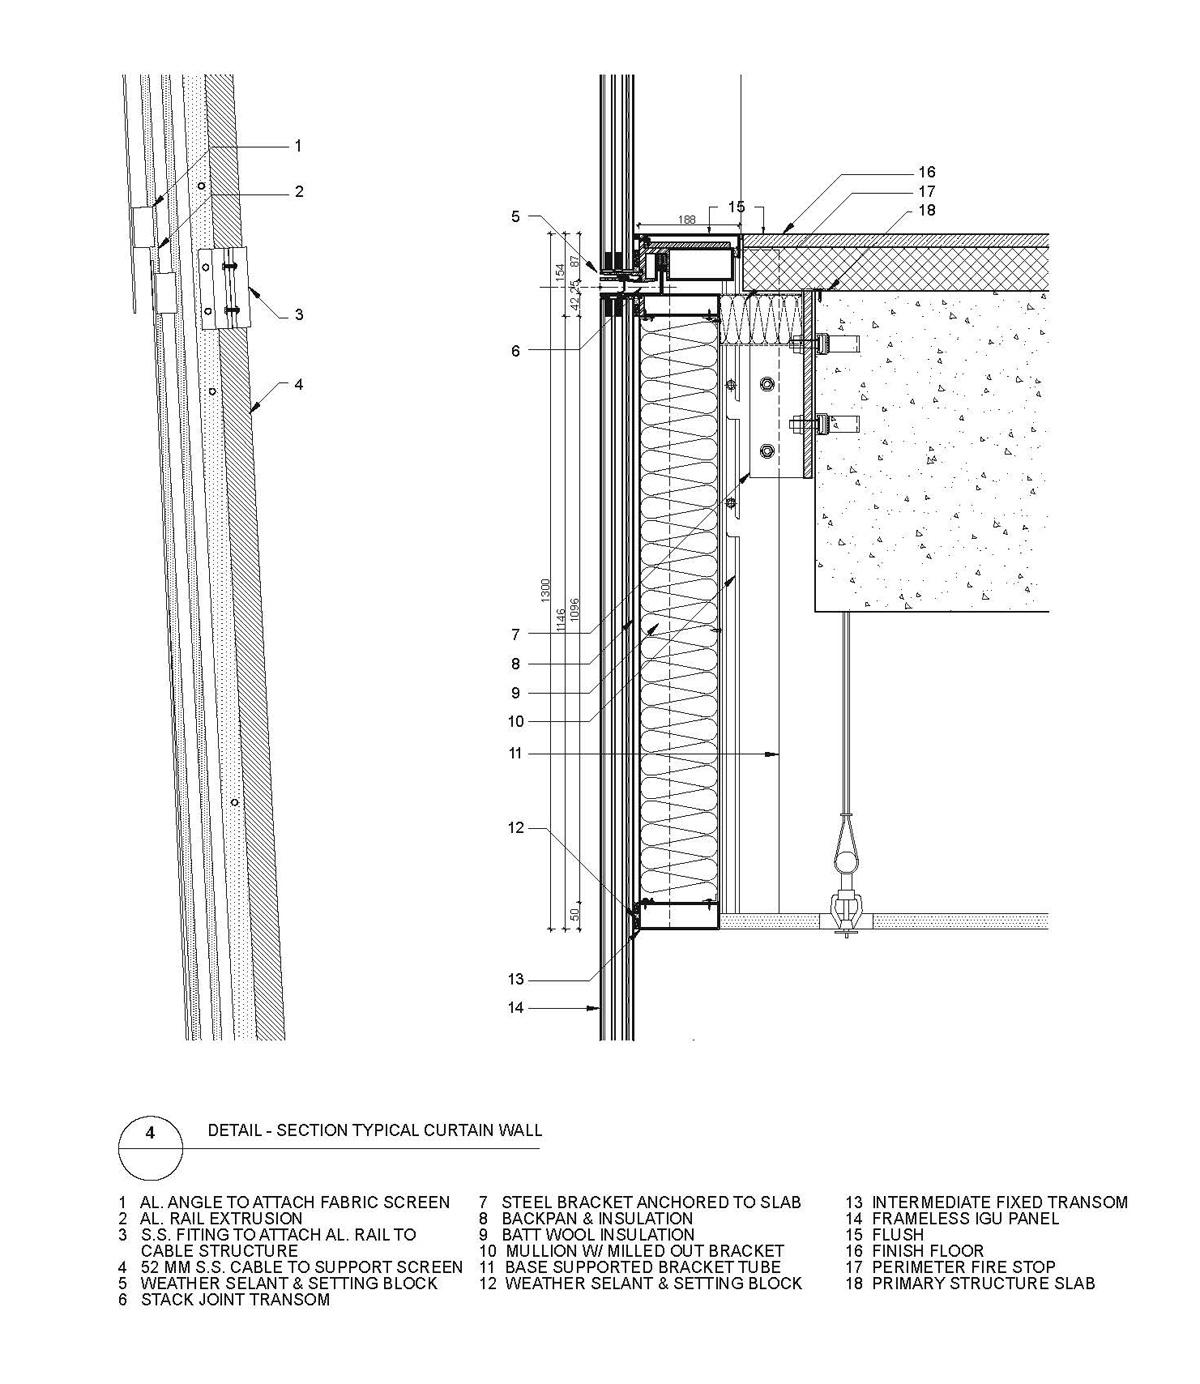 external wiring